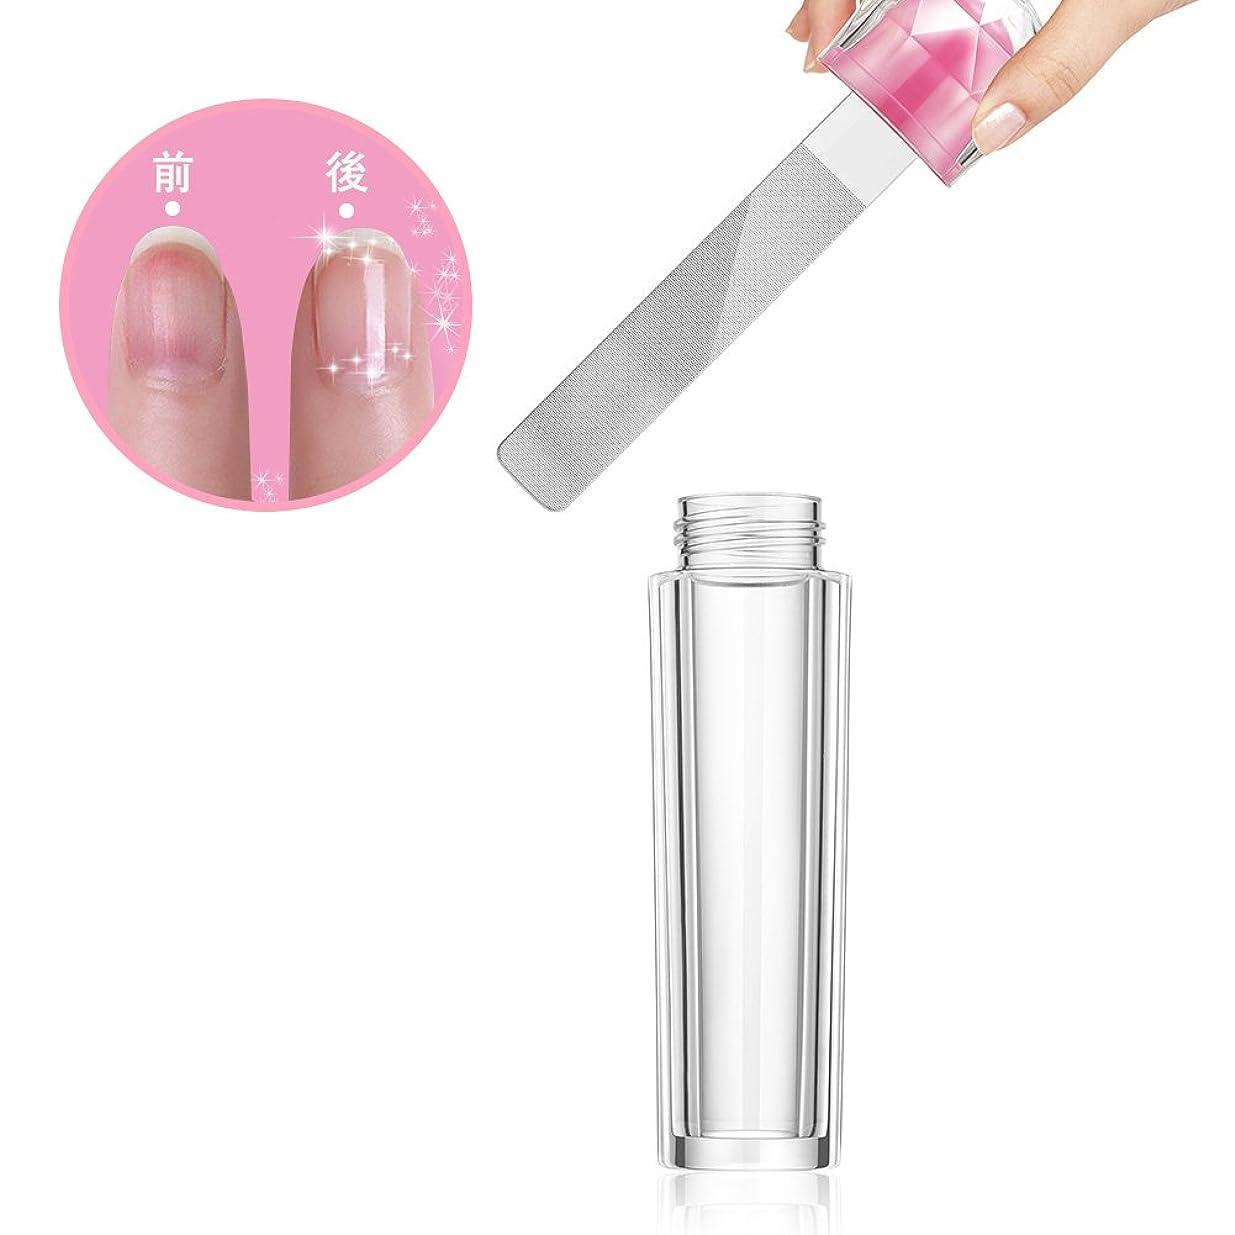 モナリザ意見境界ガラス製 爪やすり 爪磨き ネイルケア ケース付き ネイルシャイナー ネイルケア (1個) (1個)